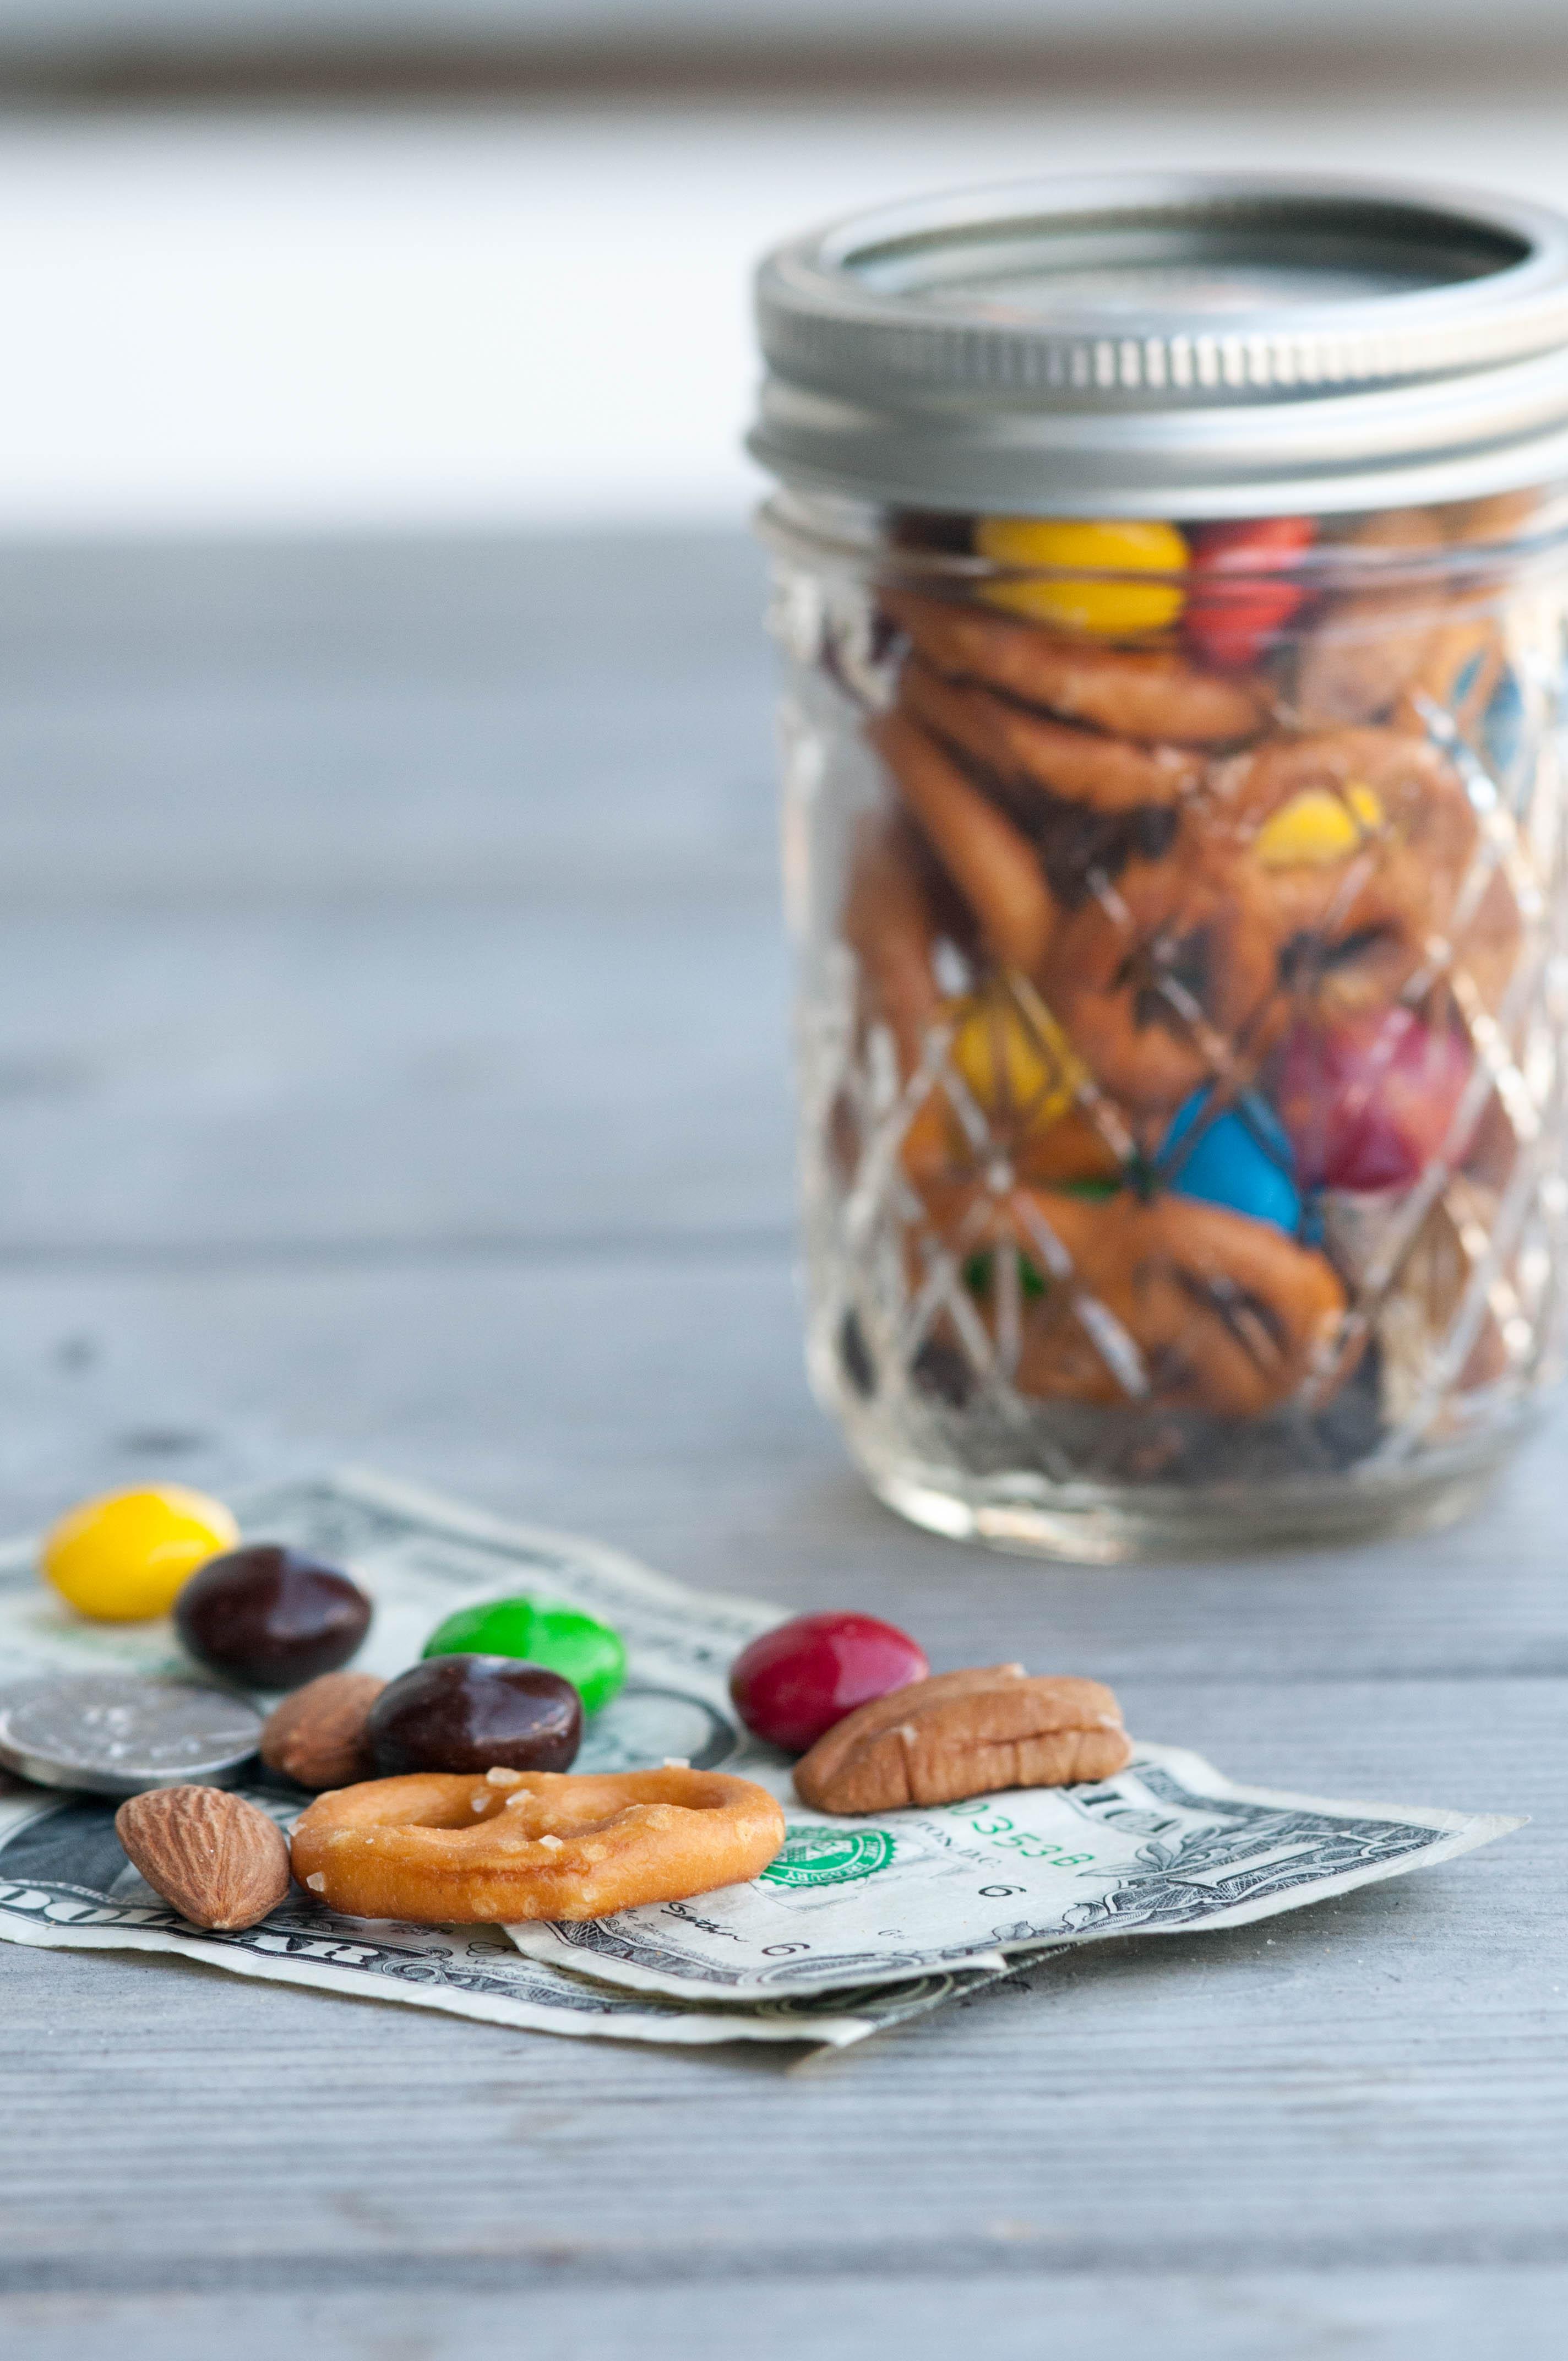 gemischte Nüsse mit Brezeln und Schokolade